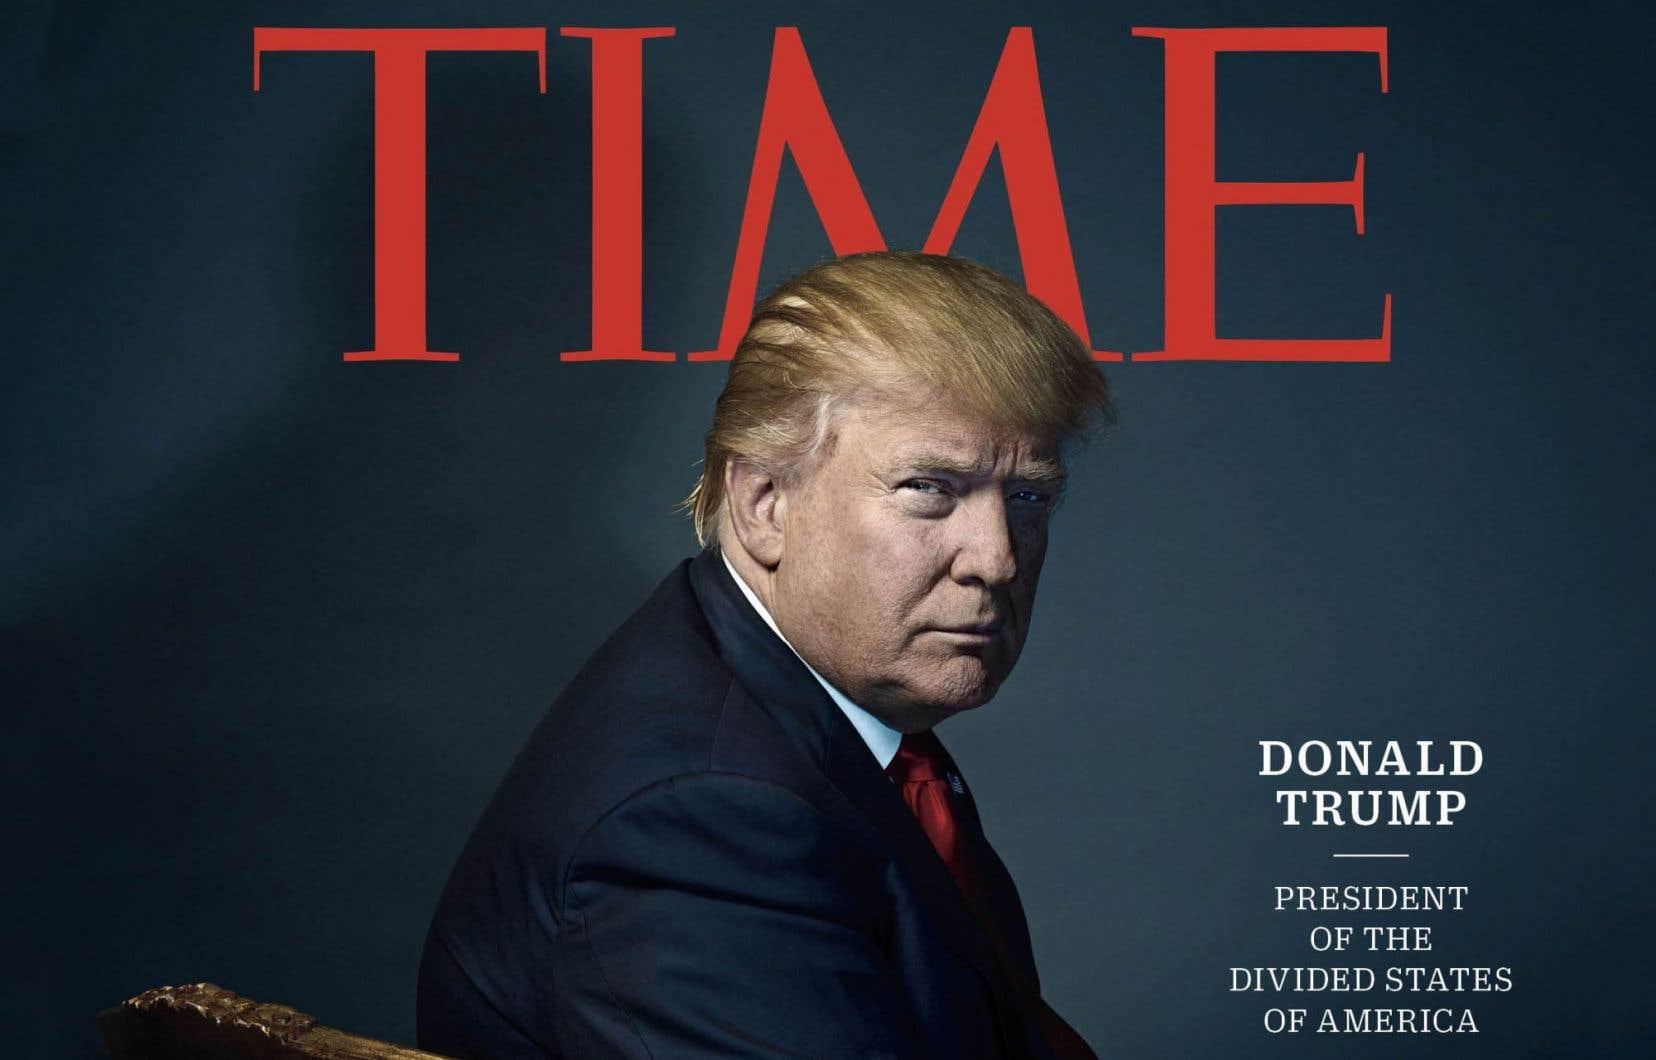 <p>Le président désigné apparaît en couverture du magazine avec le titre <em>«Donald Trump, président des États désunis d'Amérique».</em></p>